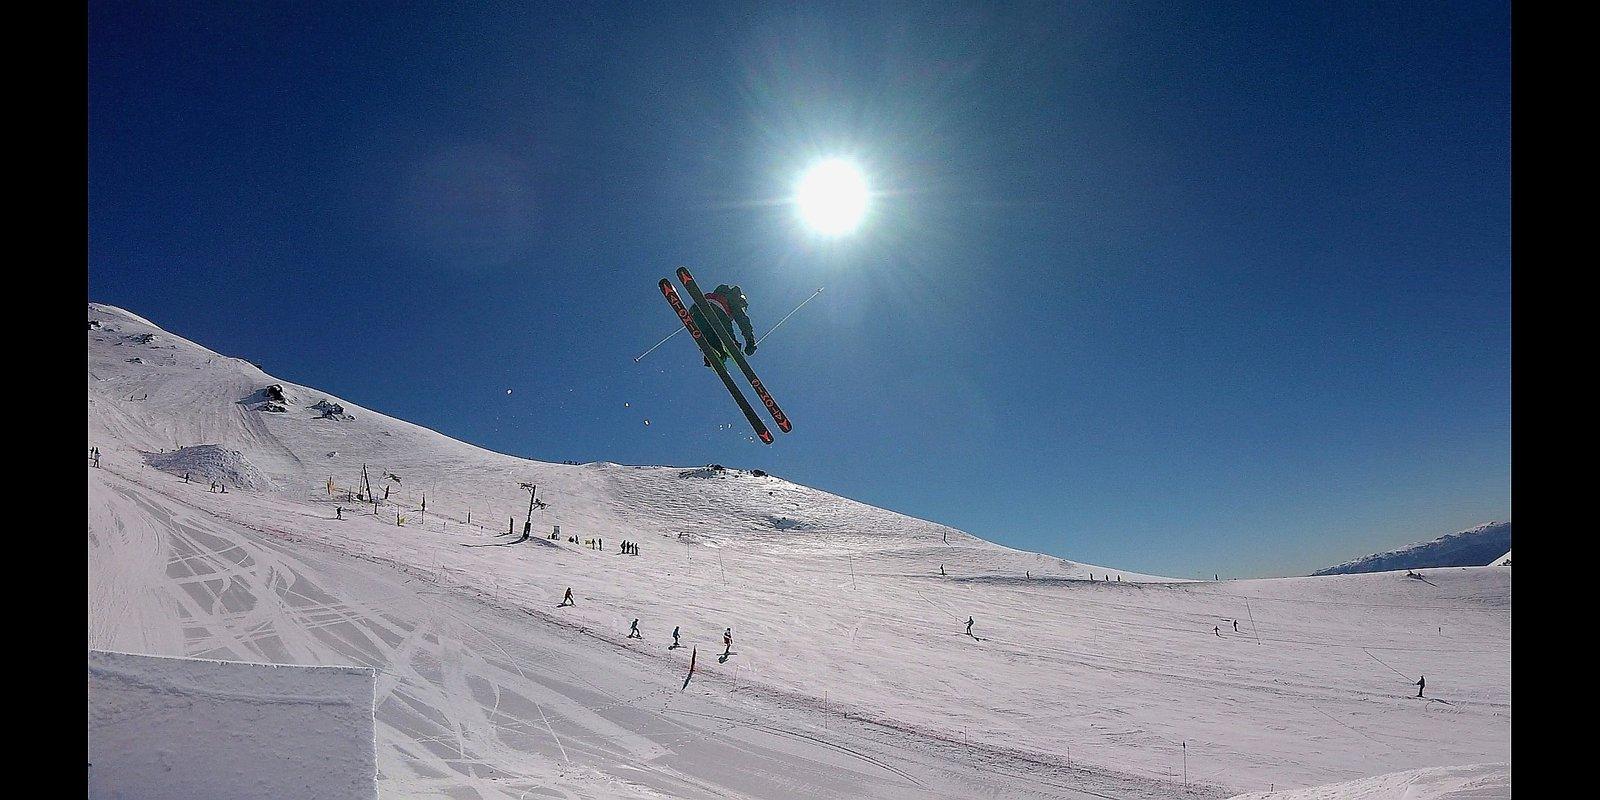 Argentinian Big Air